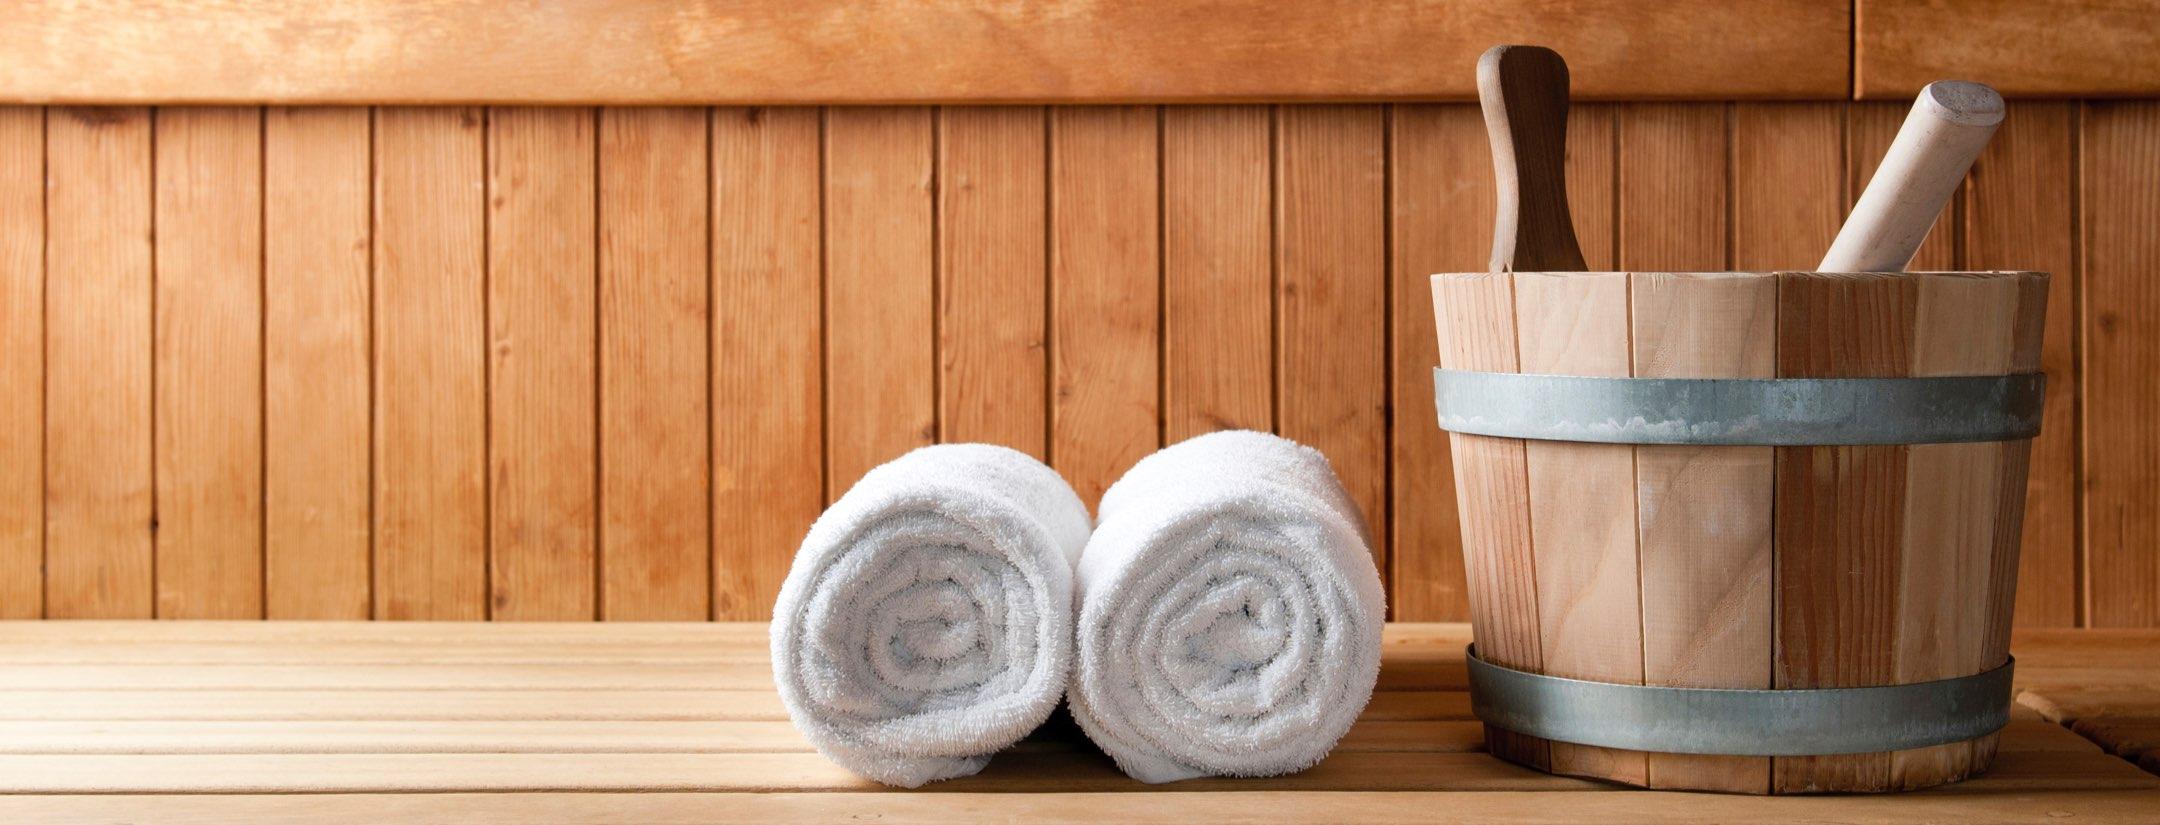 Två handdukar ihoprullade bredvid trähink i bastu